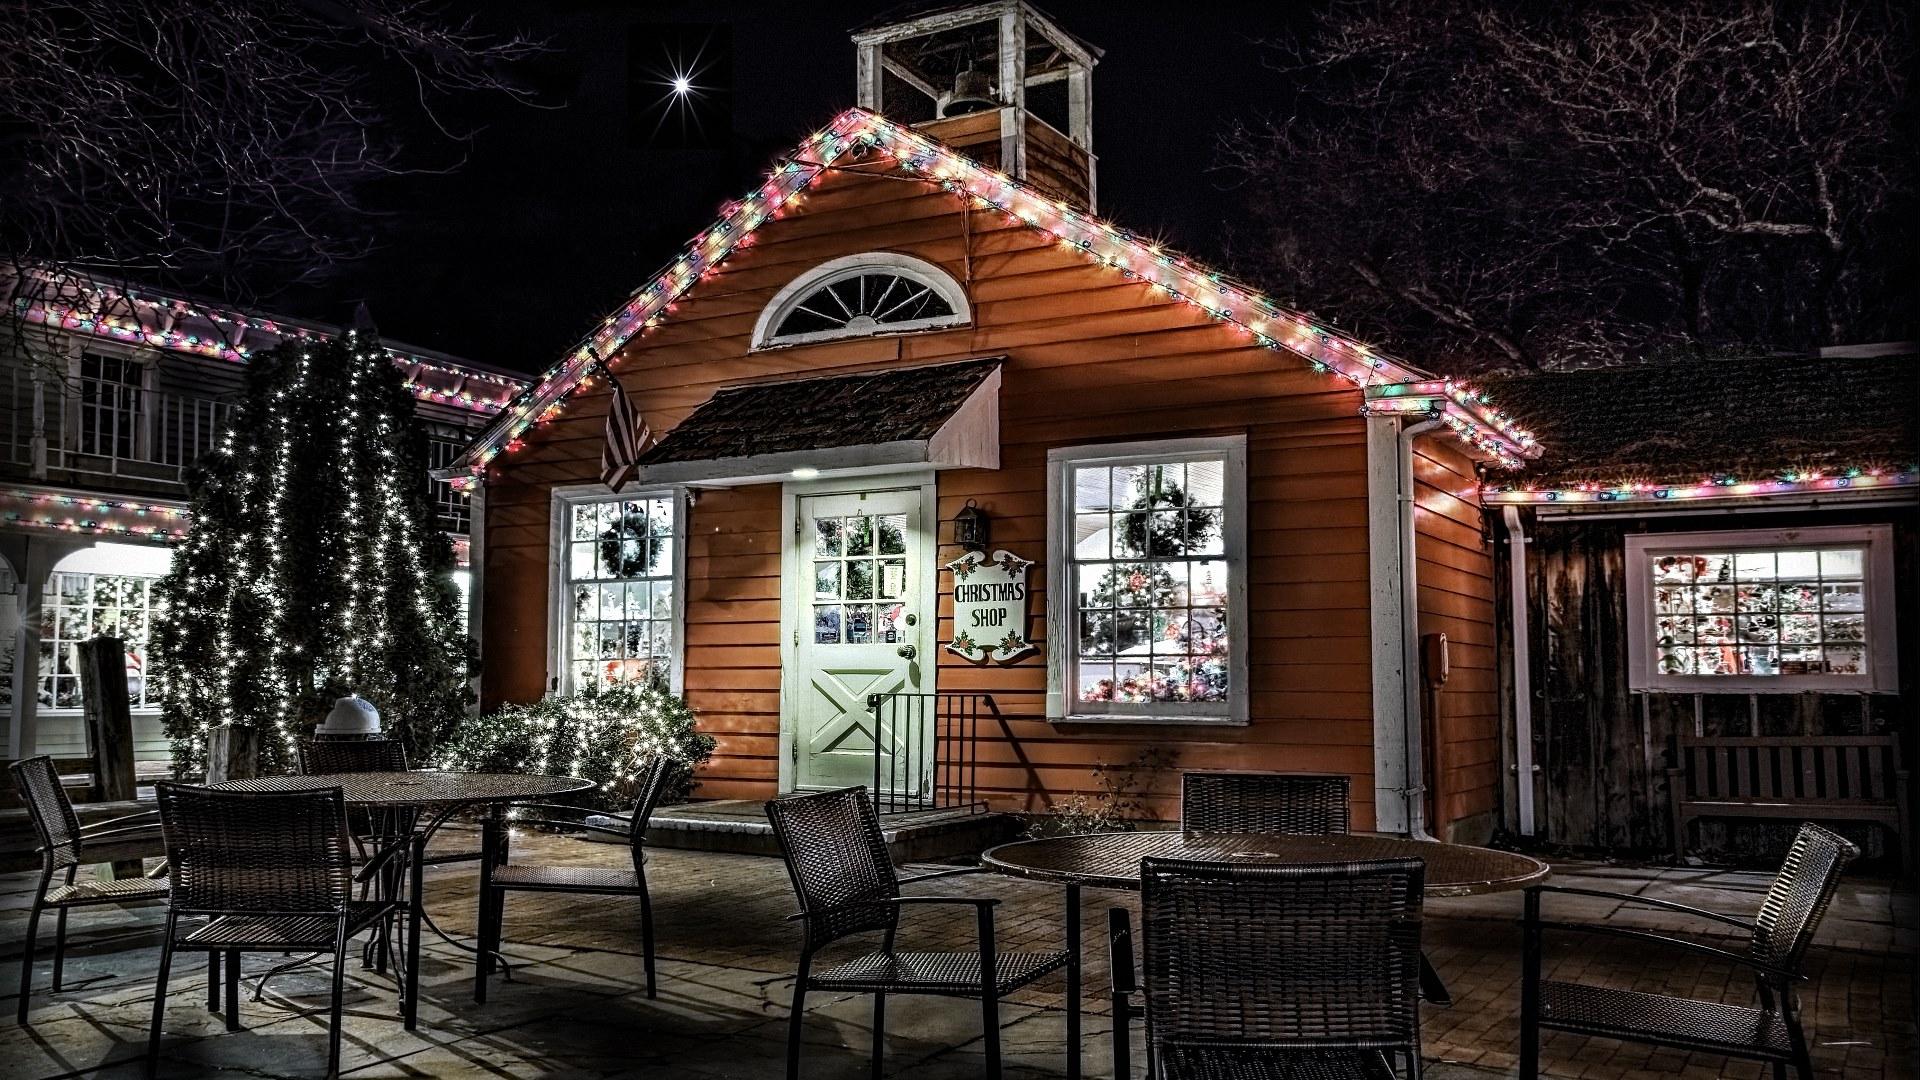 Hübsche Weihnachtsbilder.Die Schönsten Weihnachtsbilder Kostenlos